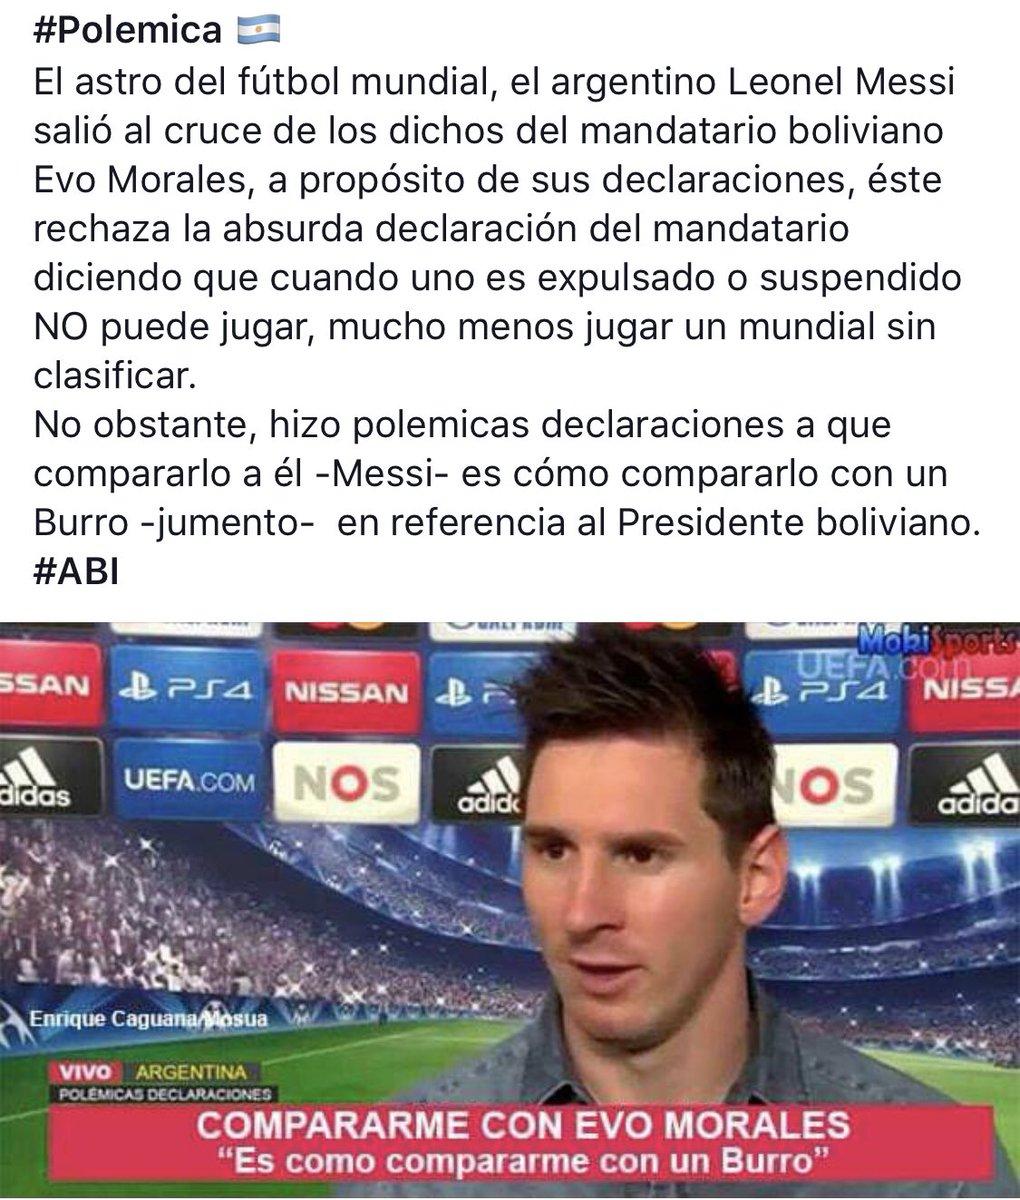 #Messi le dice a #EvoMorales que si lo expulsan del partido no puede jugar... ademas que es un burro... @evoespueblo #Bolivia ya te sacó tarjeta roja!!!